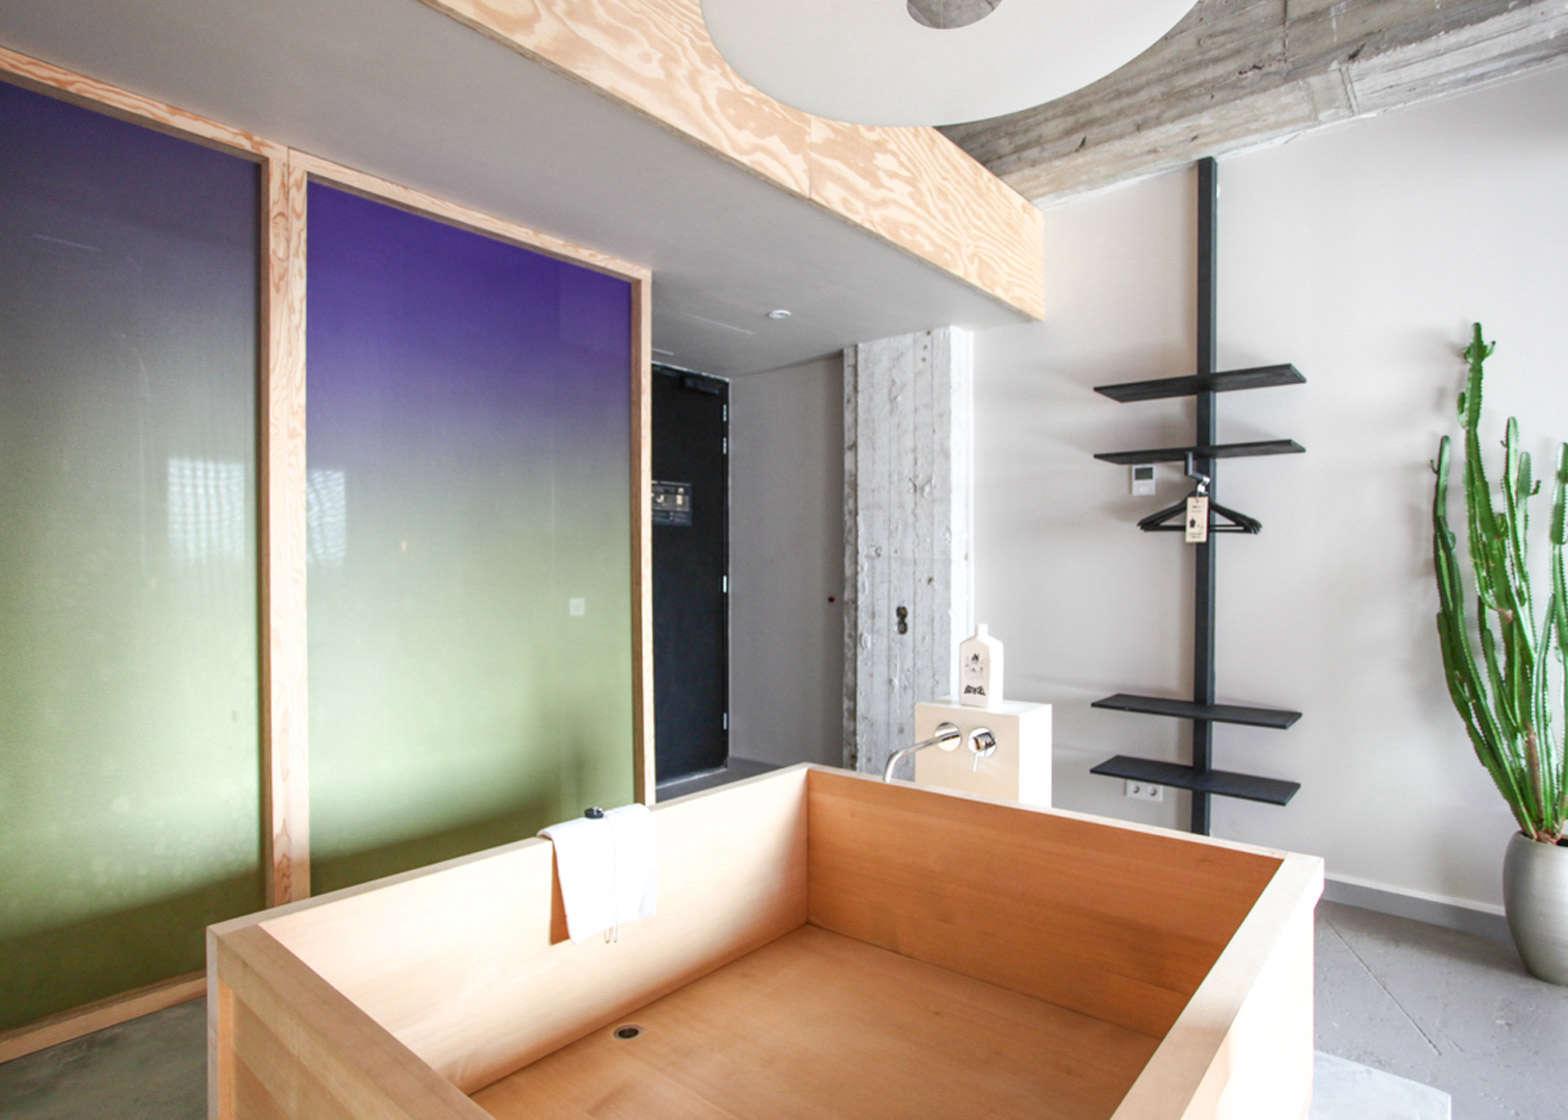 Bathing-Bikou-Volkshotel-Amsterdam-by-Hanna-Maring-11